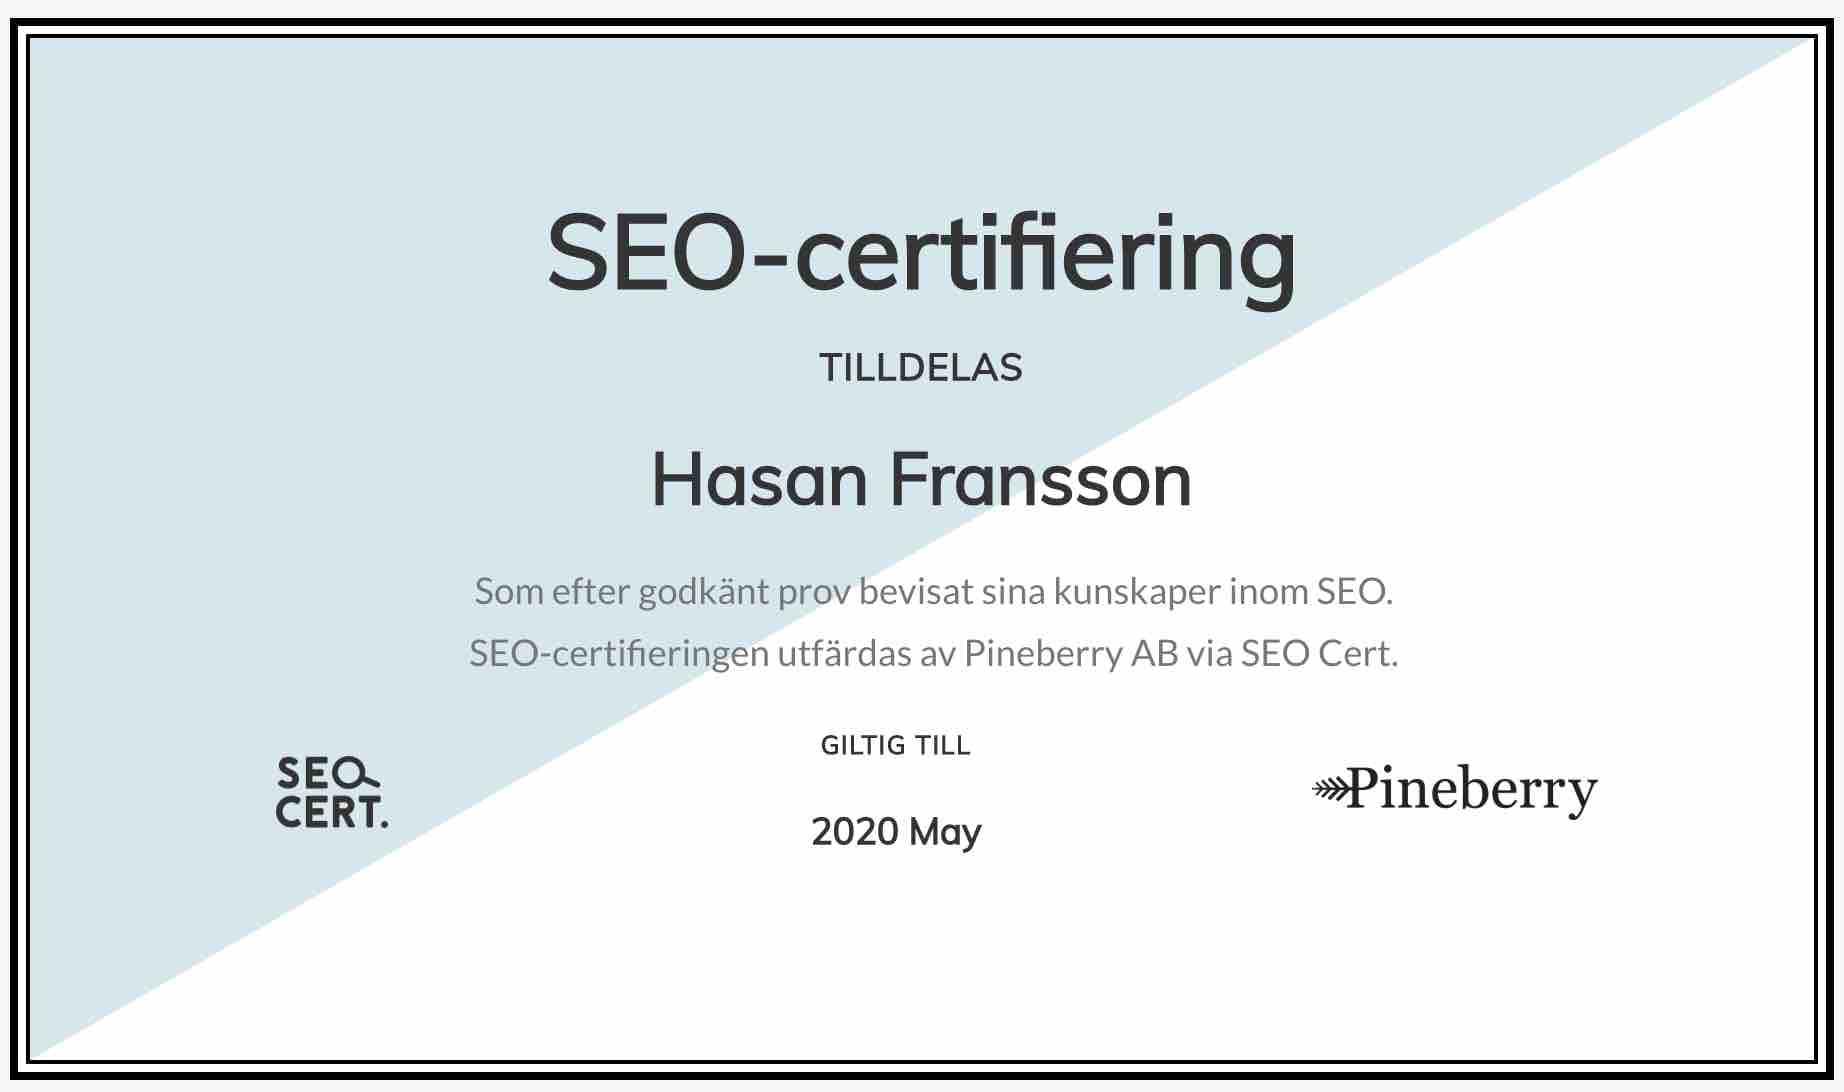 SEO-certifiering för Hasan Fransson. Tack Pineberry för det utmärkta testet på  SEO-cert.se